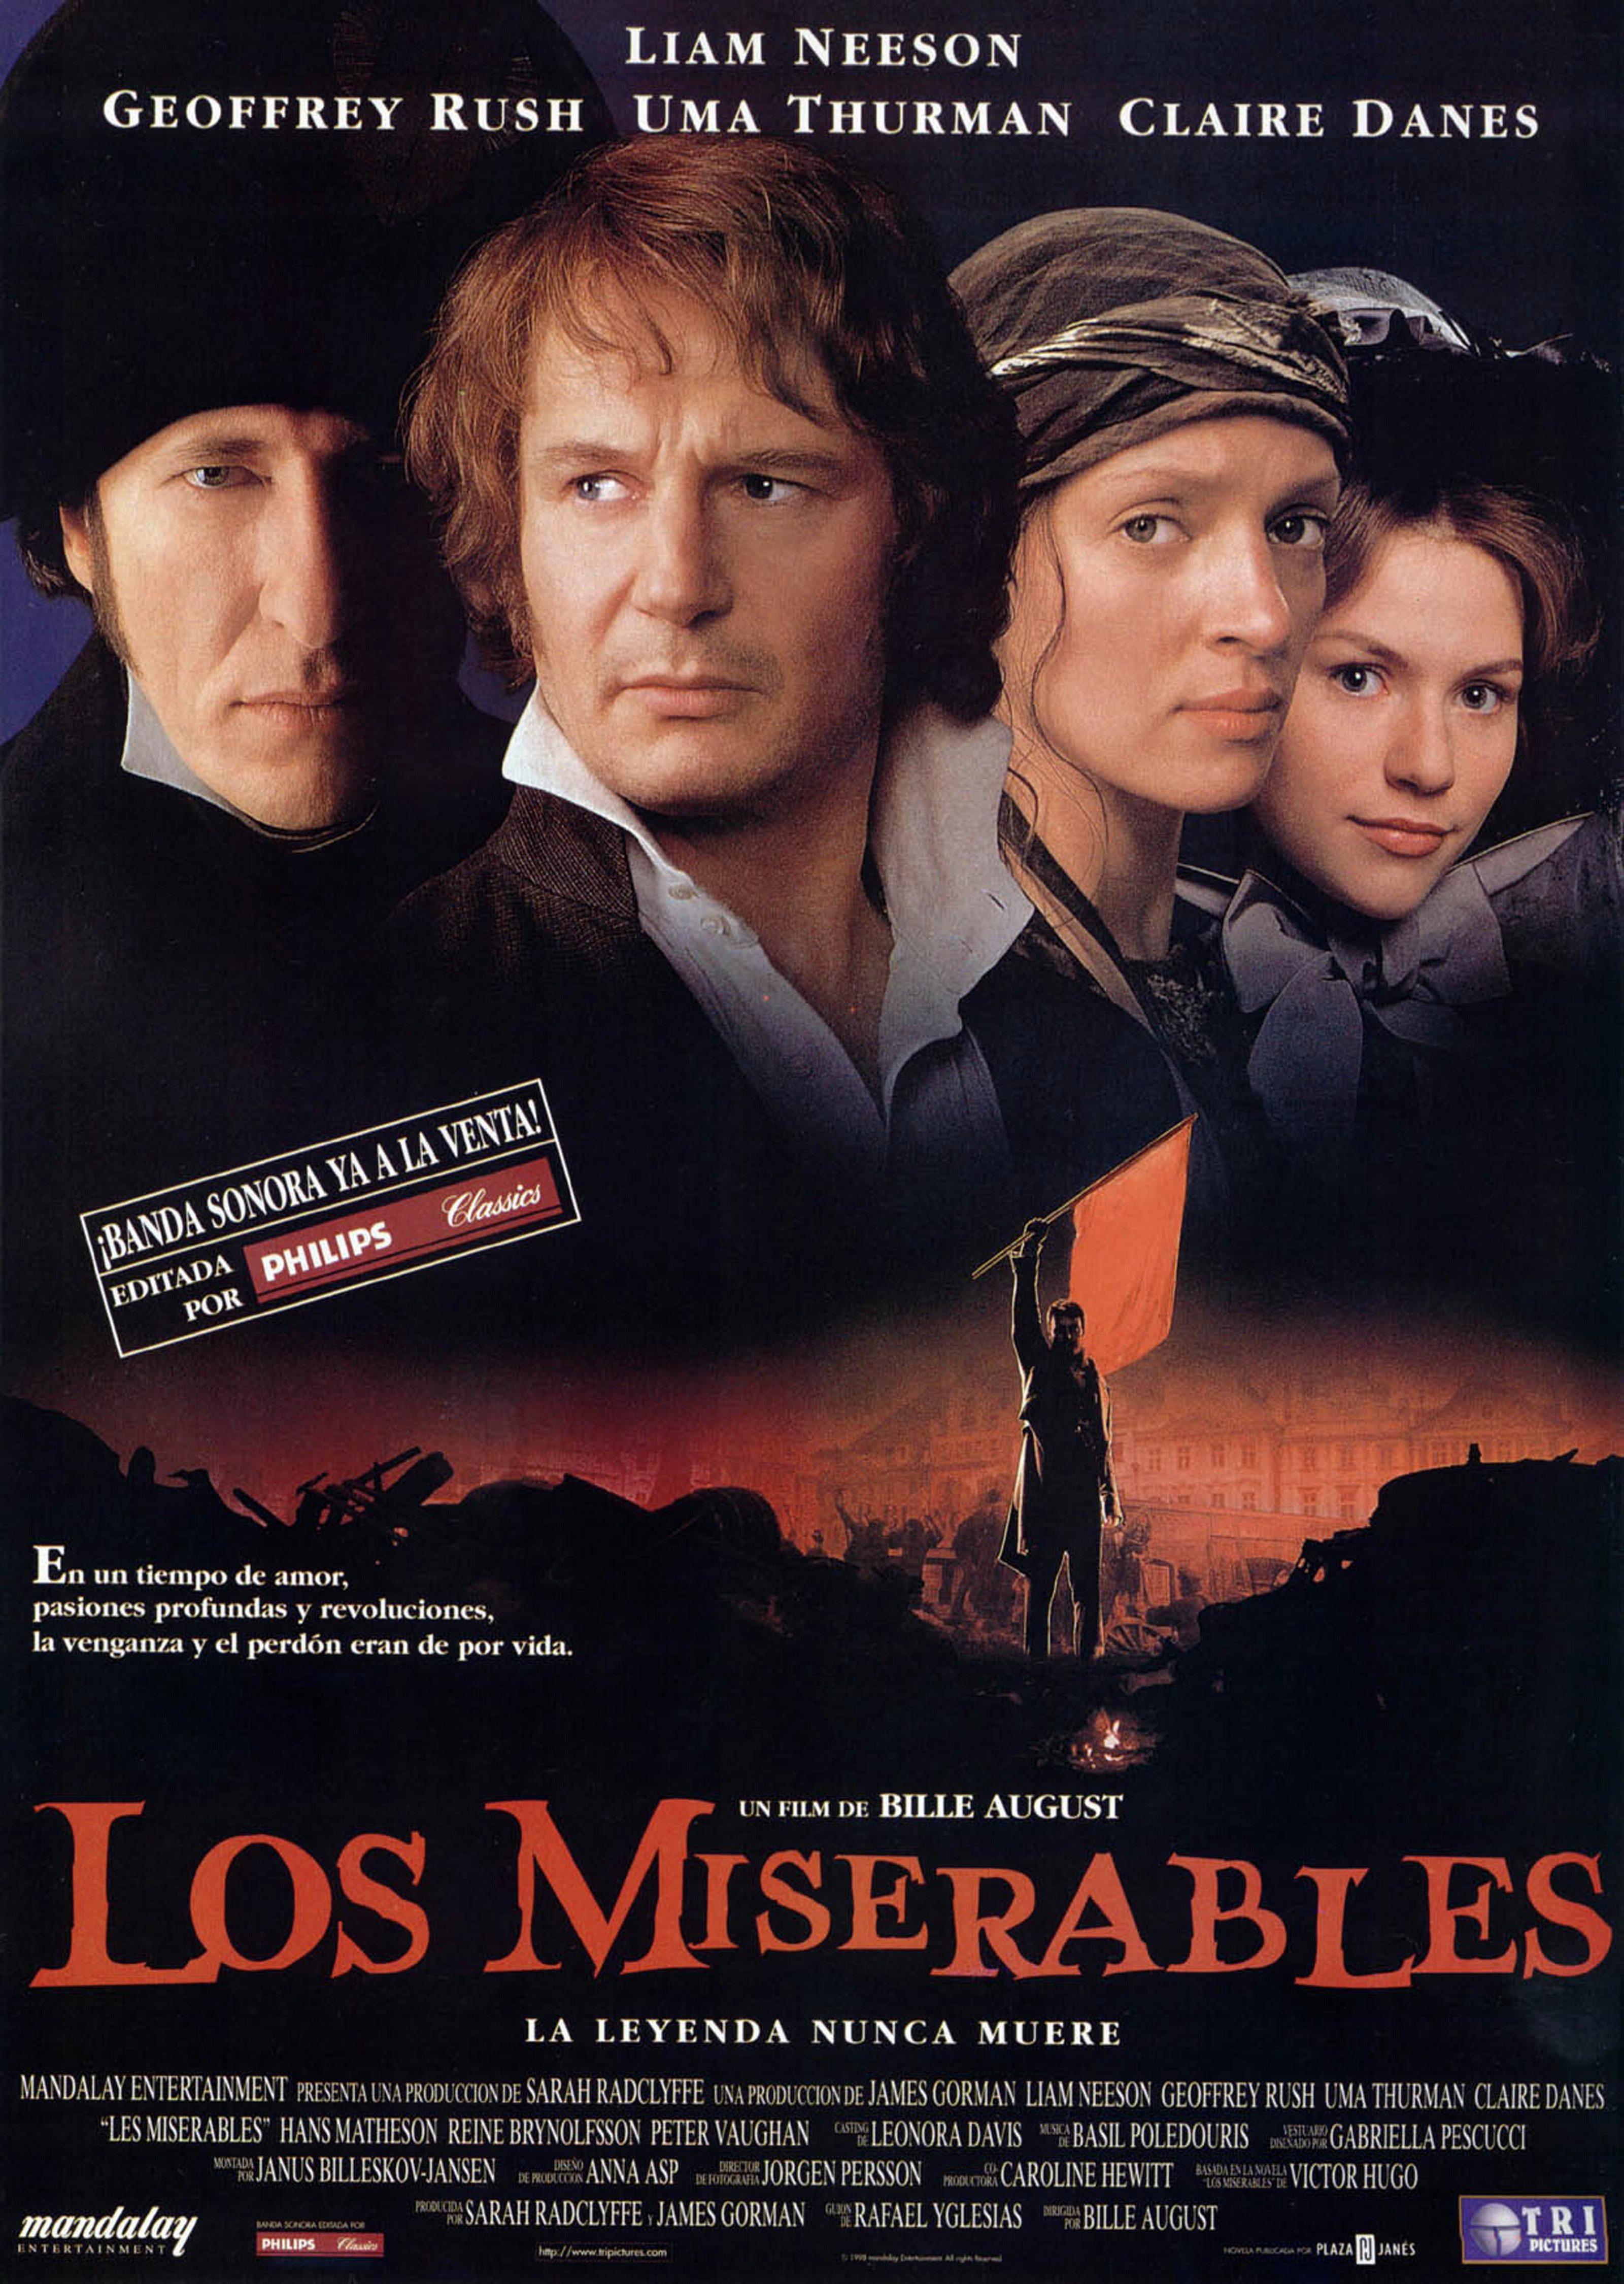 Los miserables (1998) ... Claire Danes Wiki